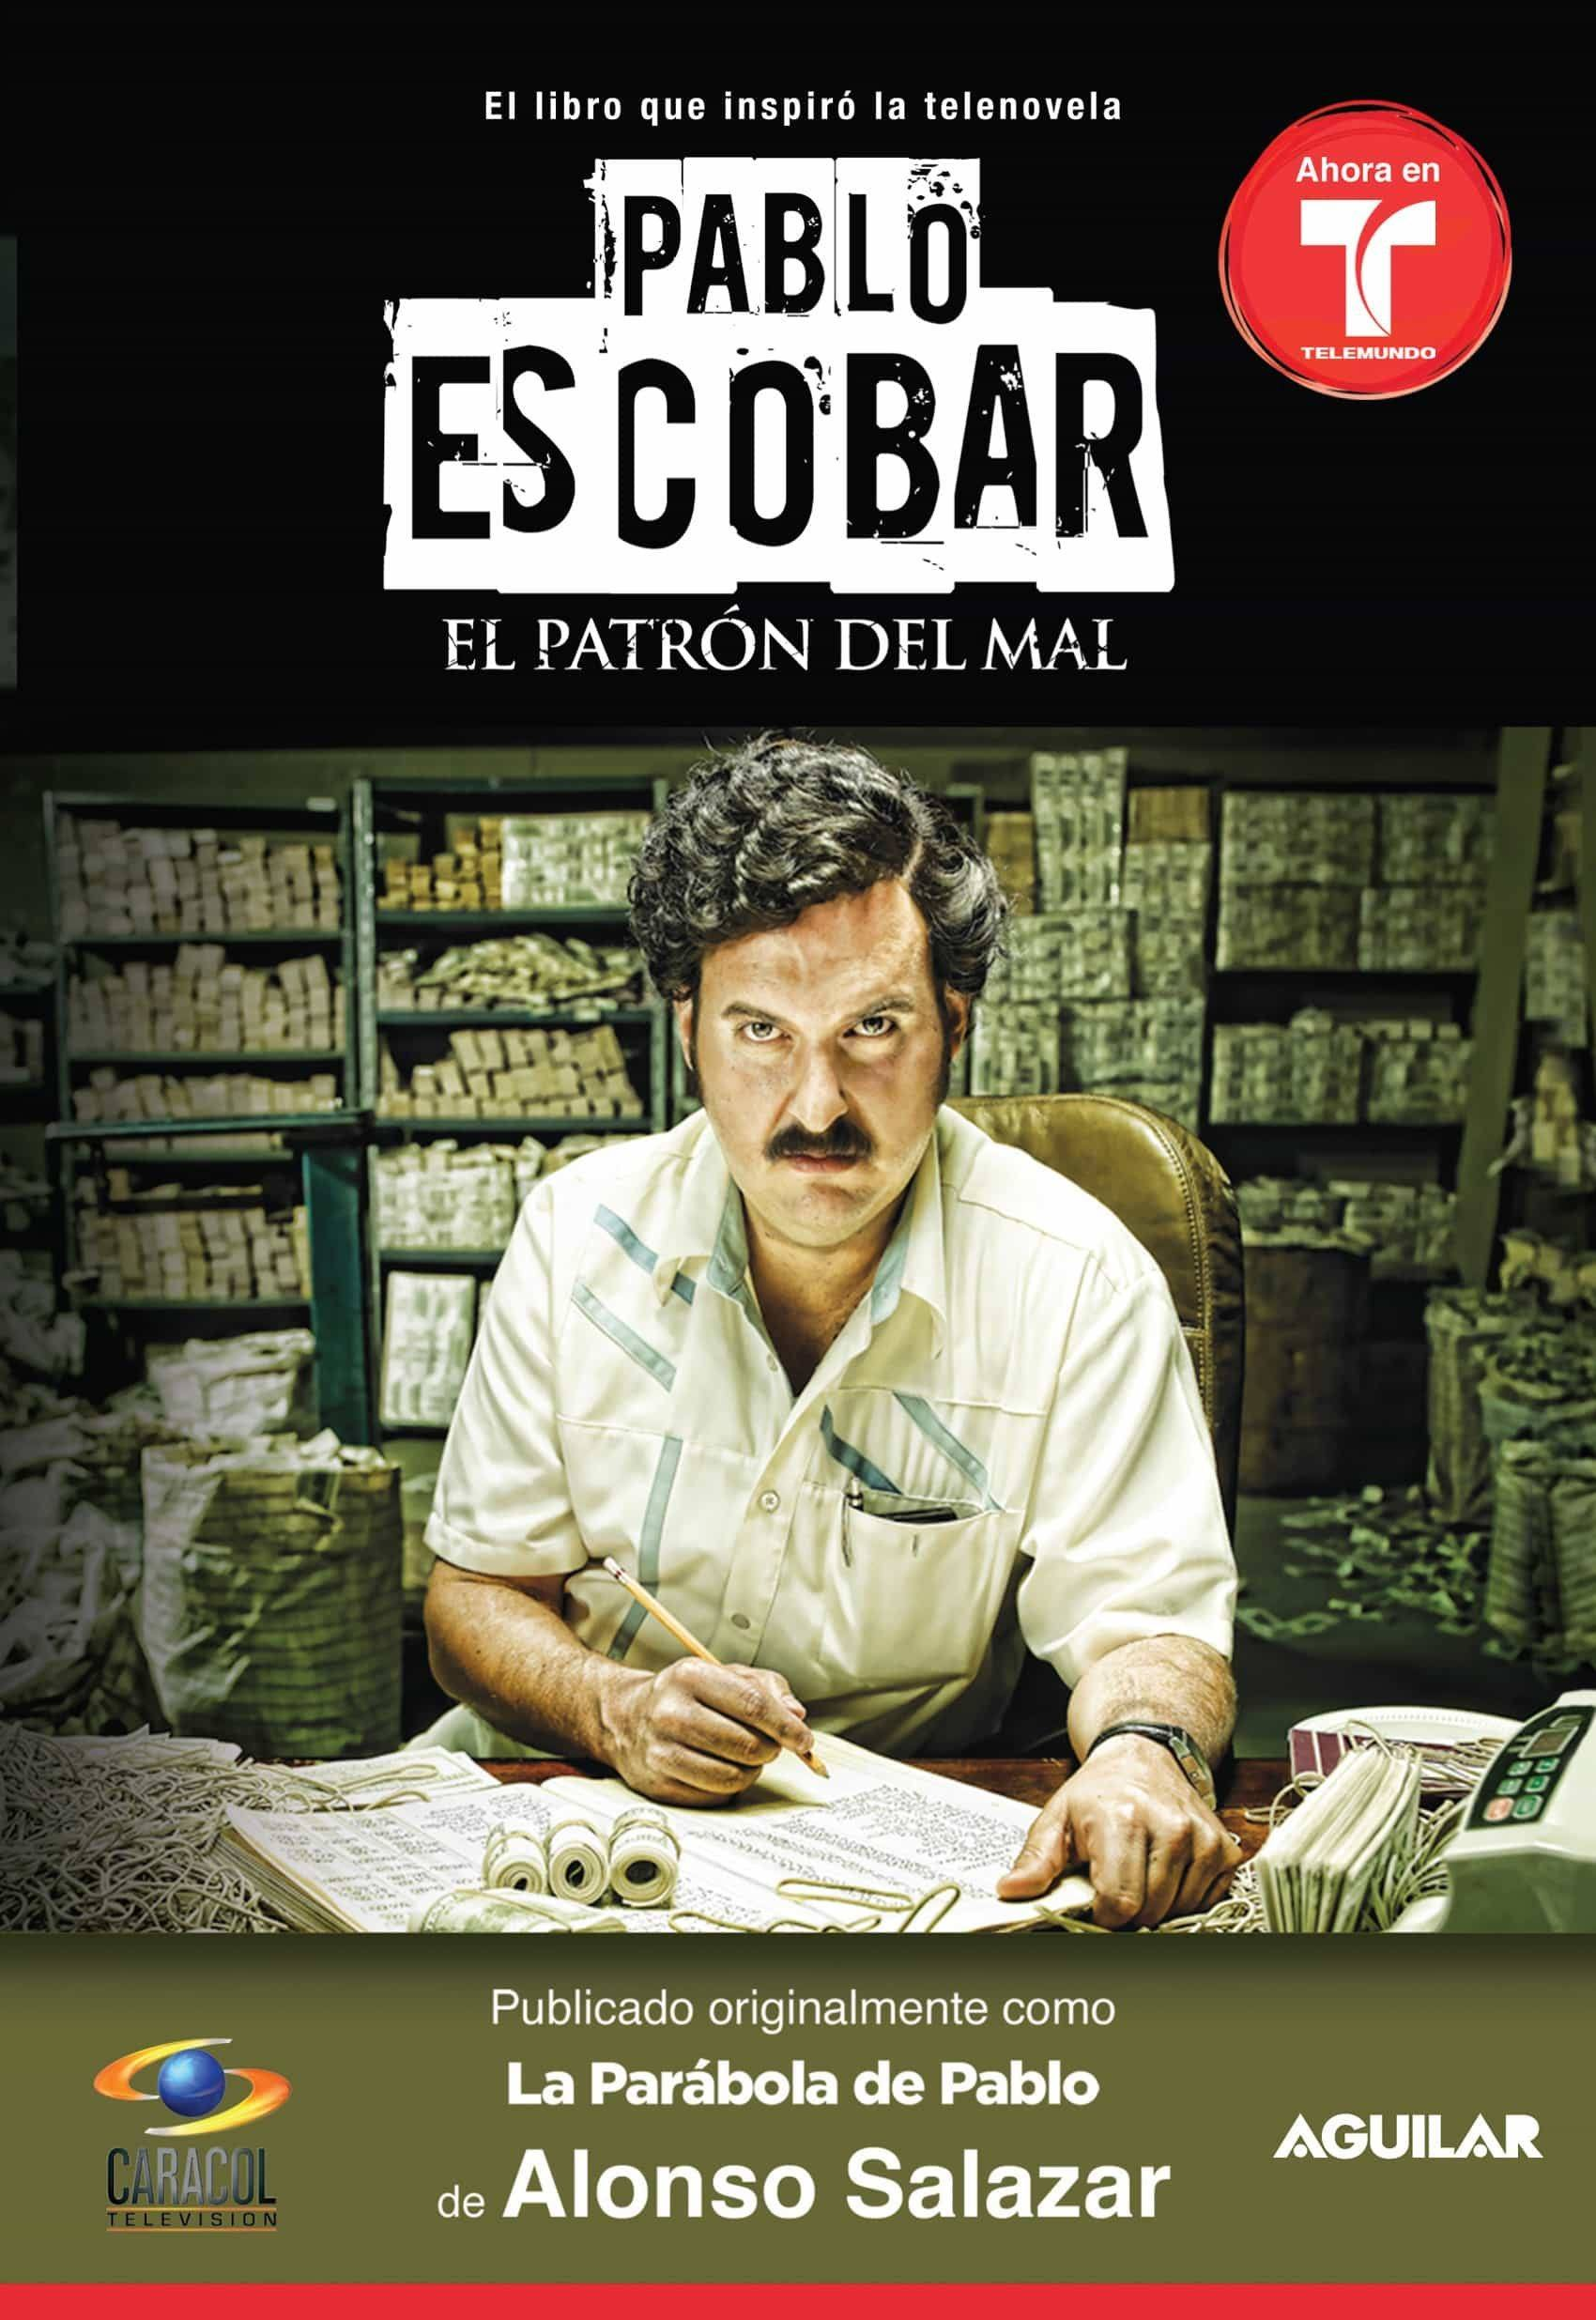 Alonso Salazar, Pablo Escobar: El Patron del Mal, 2010.